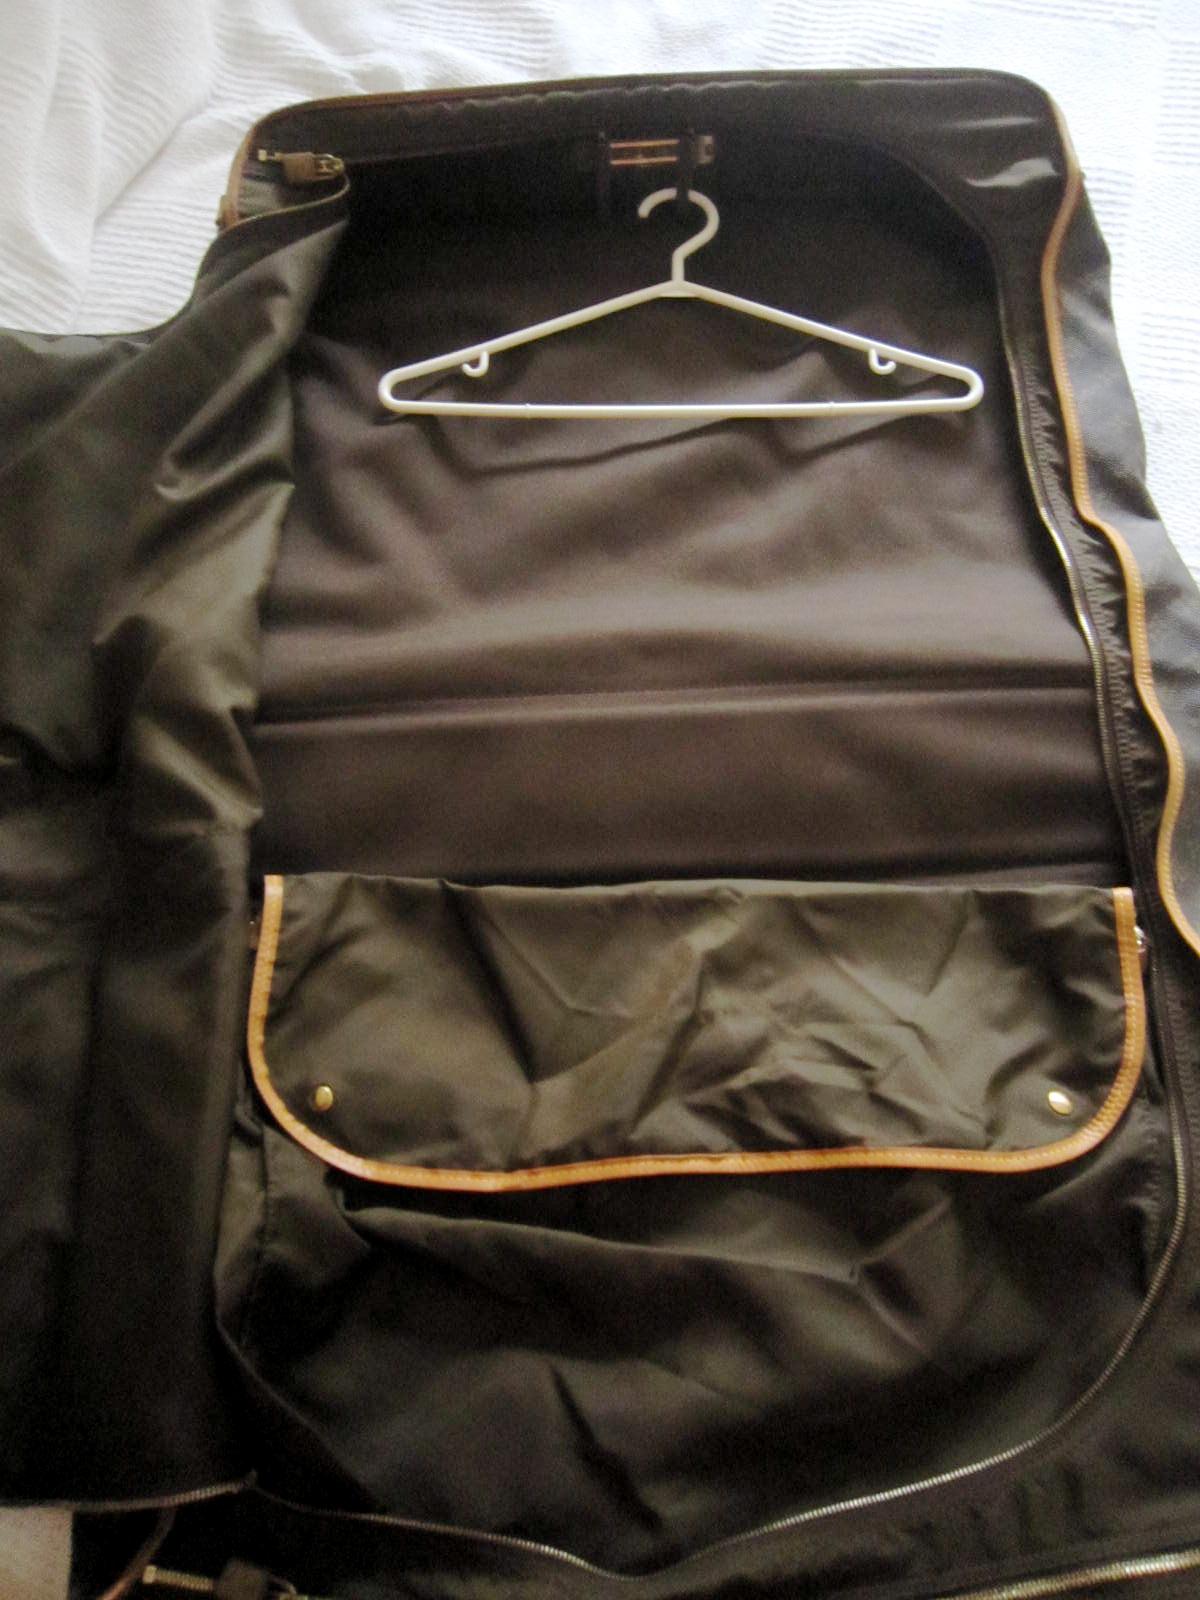 923048e56cf0 Vintage Louis Vuitton Garment Carry On Suitcase - Luxurylana Boutique